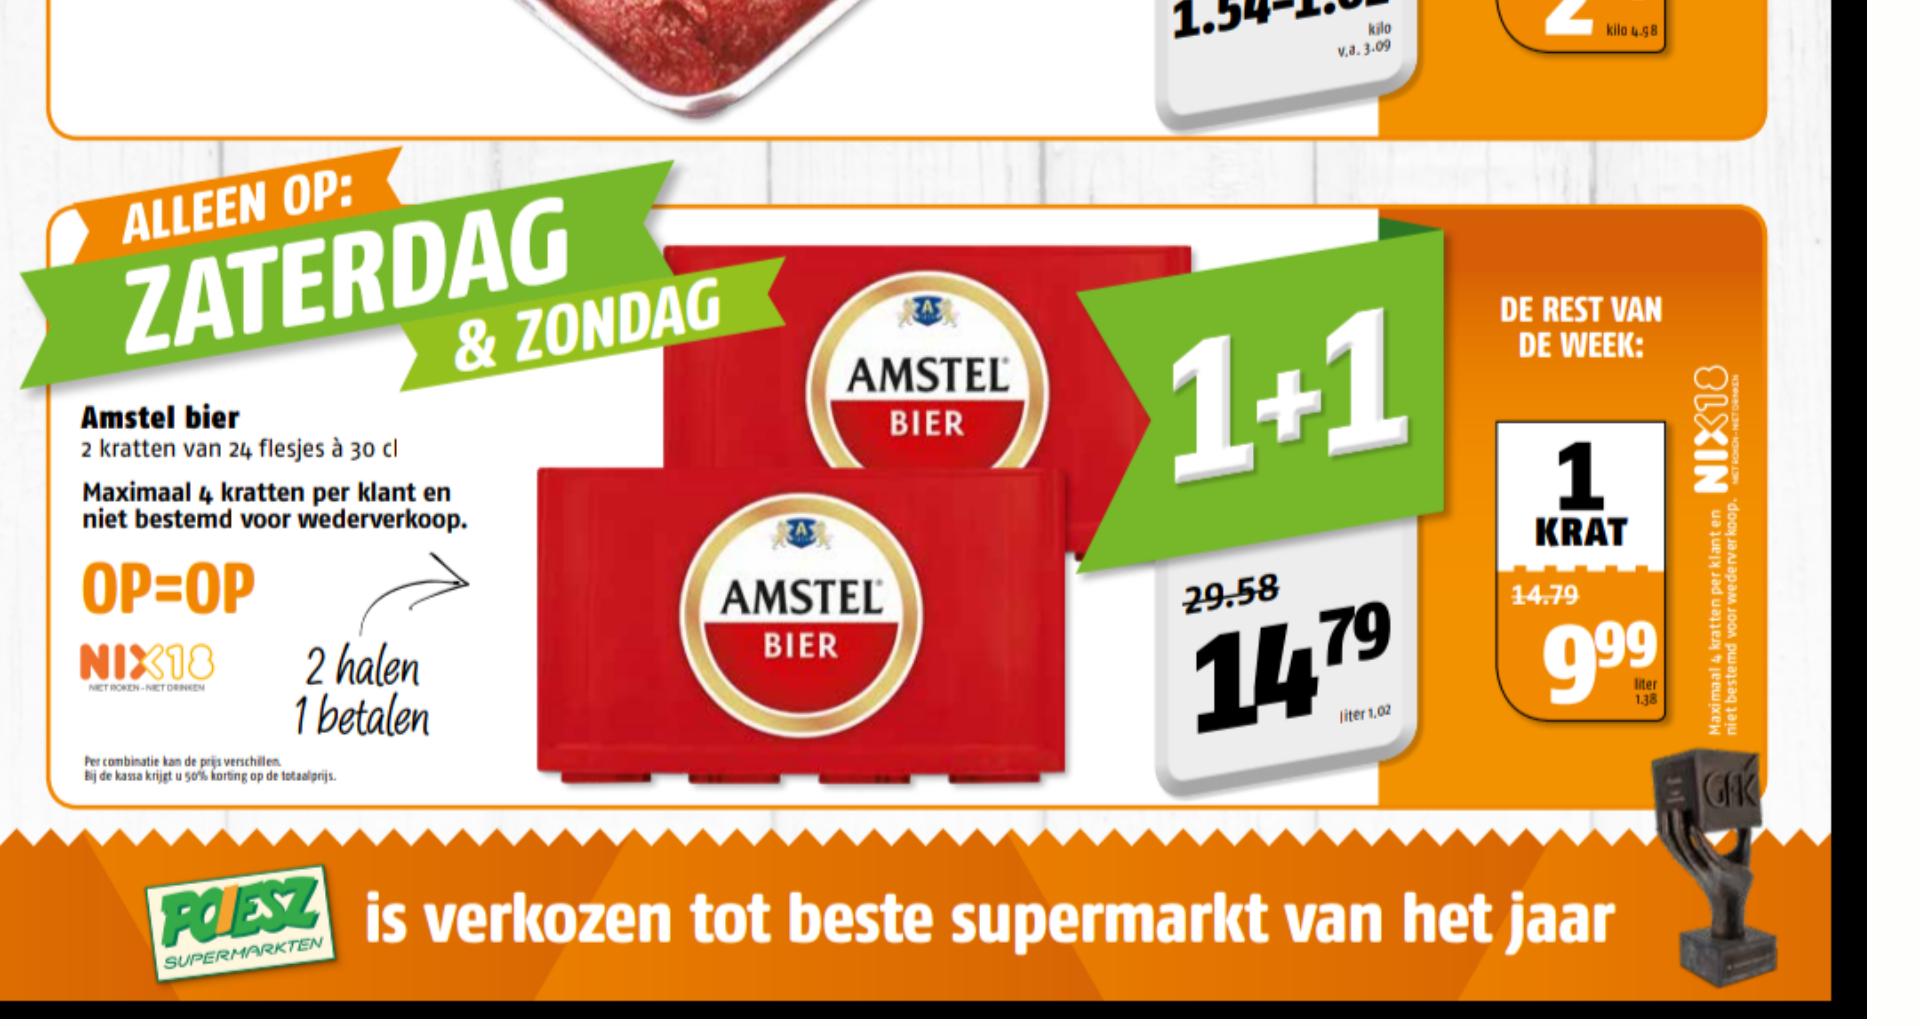 Weekendaanbieding: Amstel Bier 1+1 gratis bij Poiesz